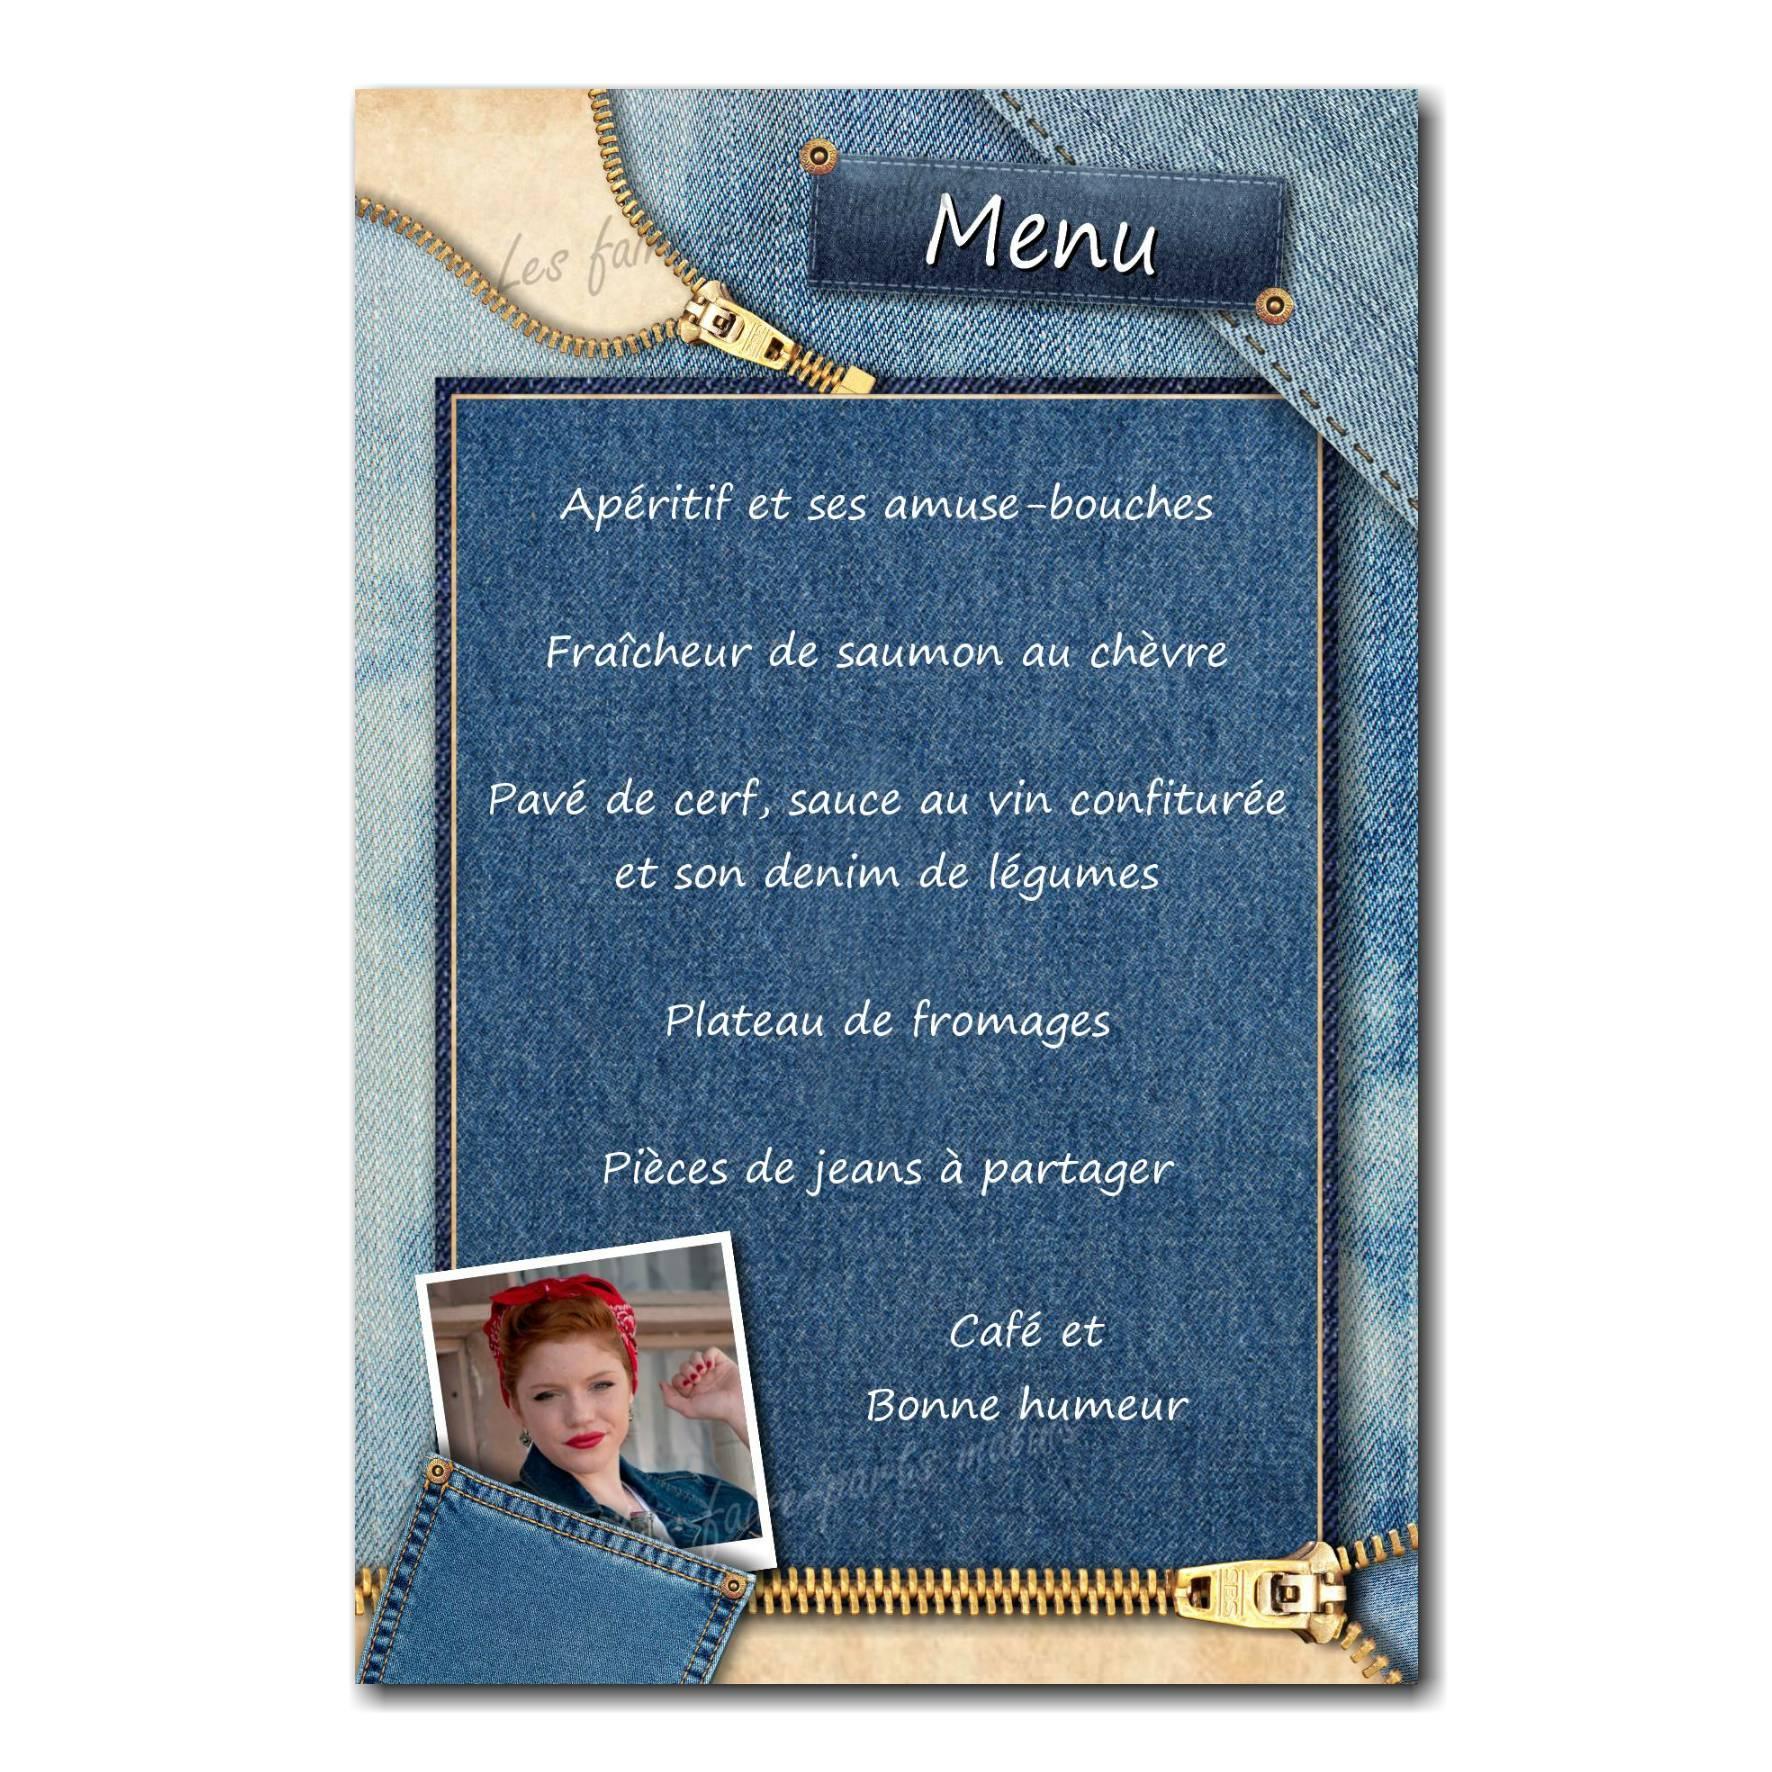 carte de menu photo dans poche de jean